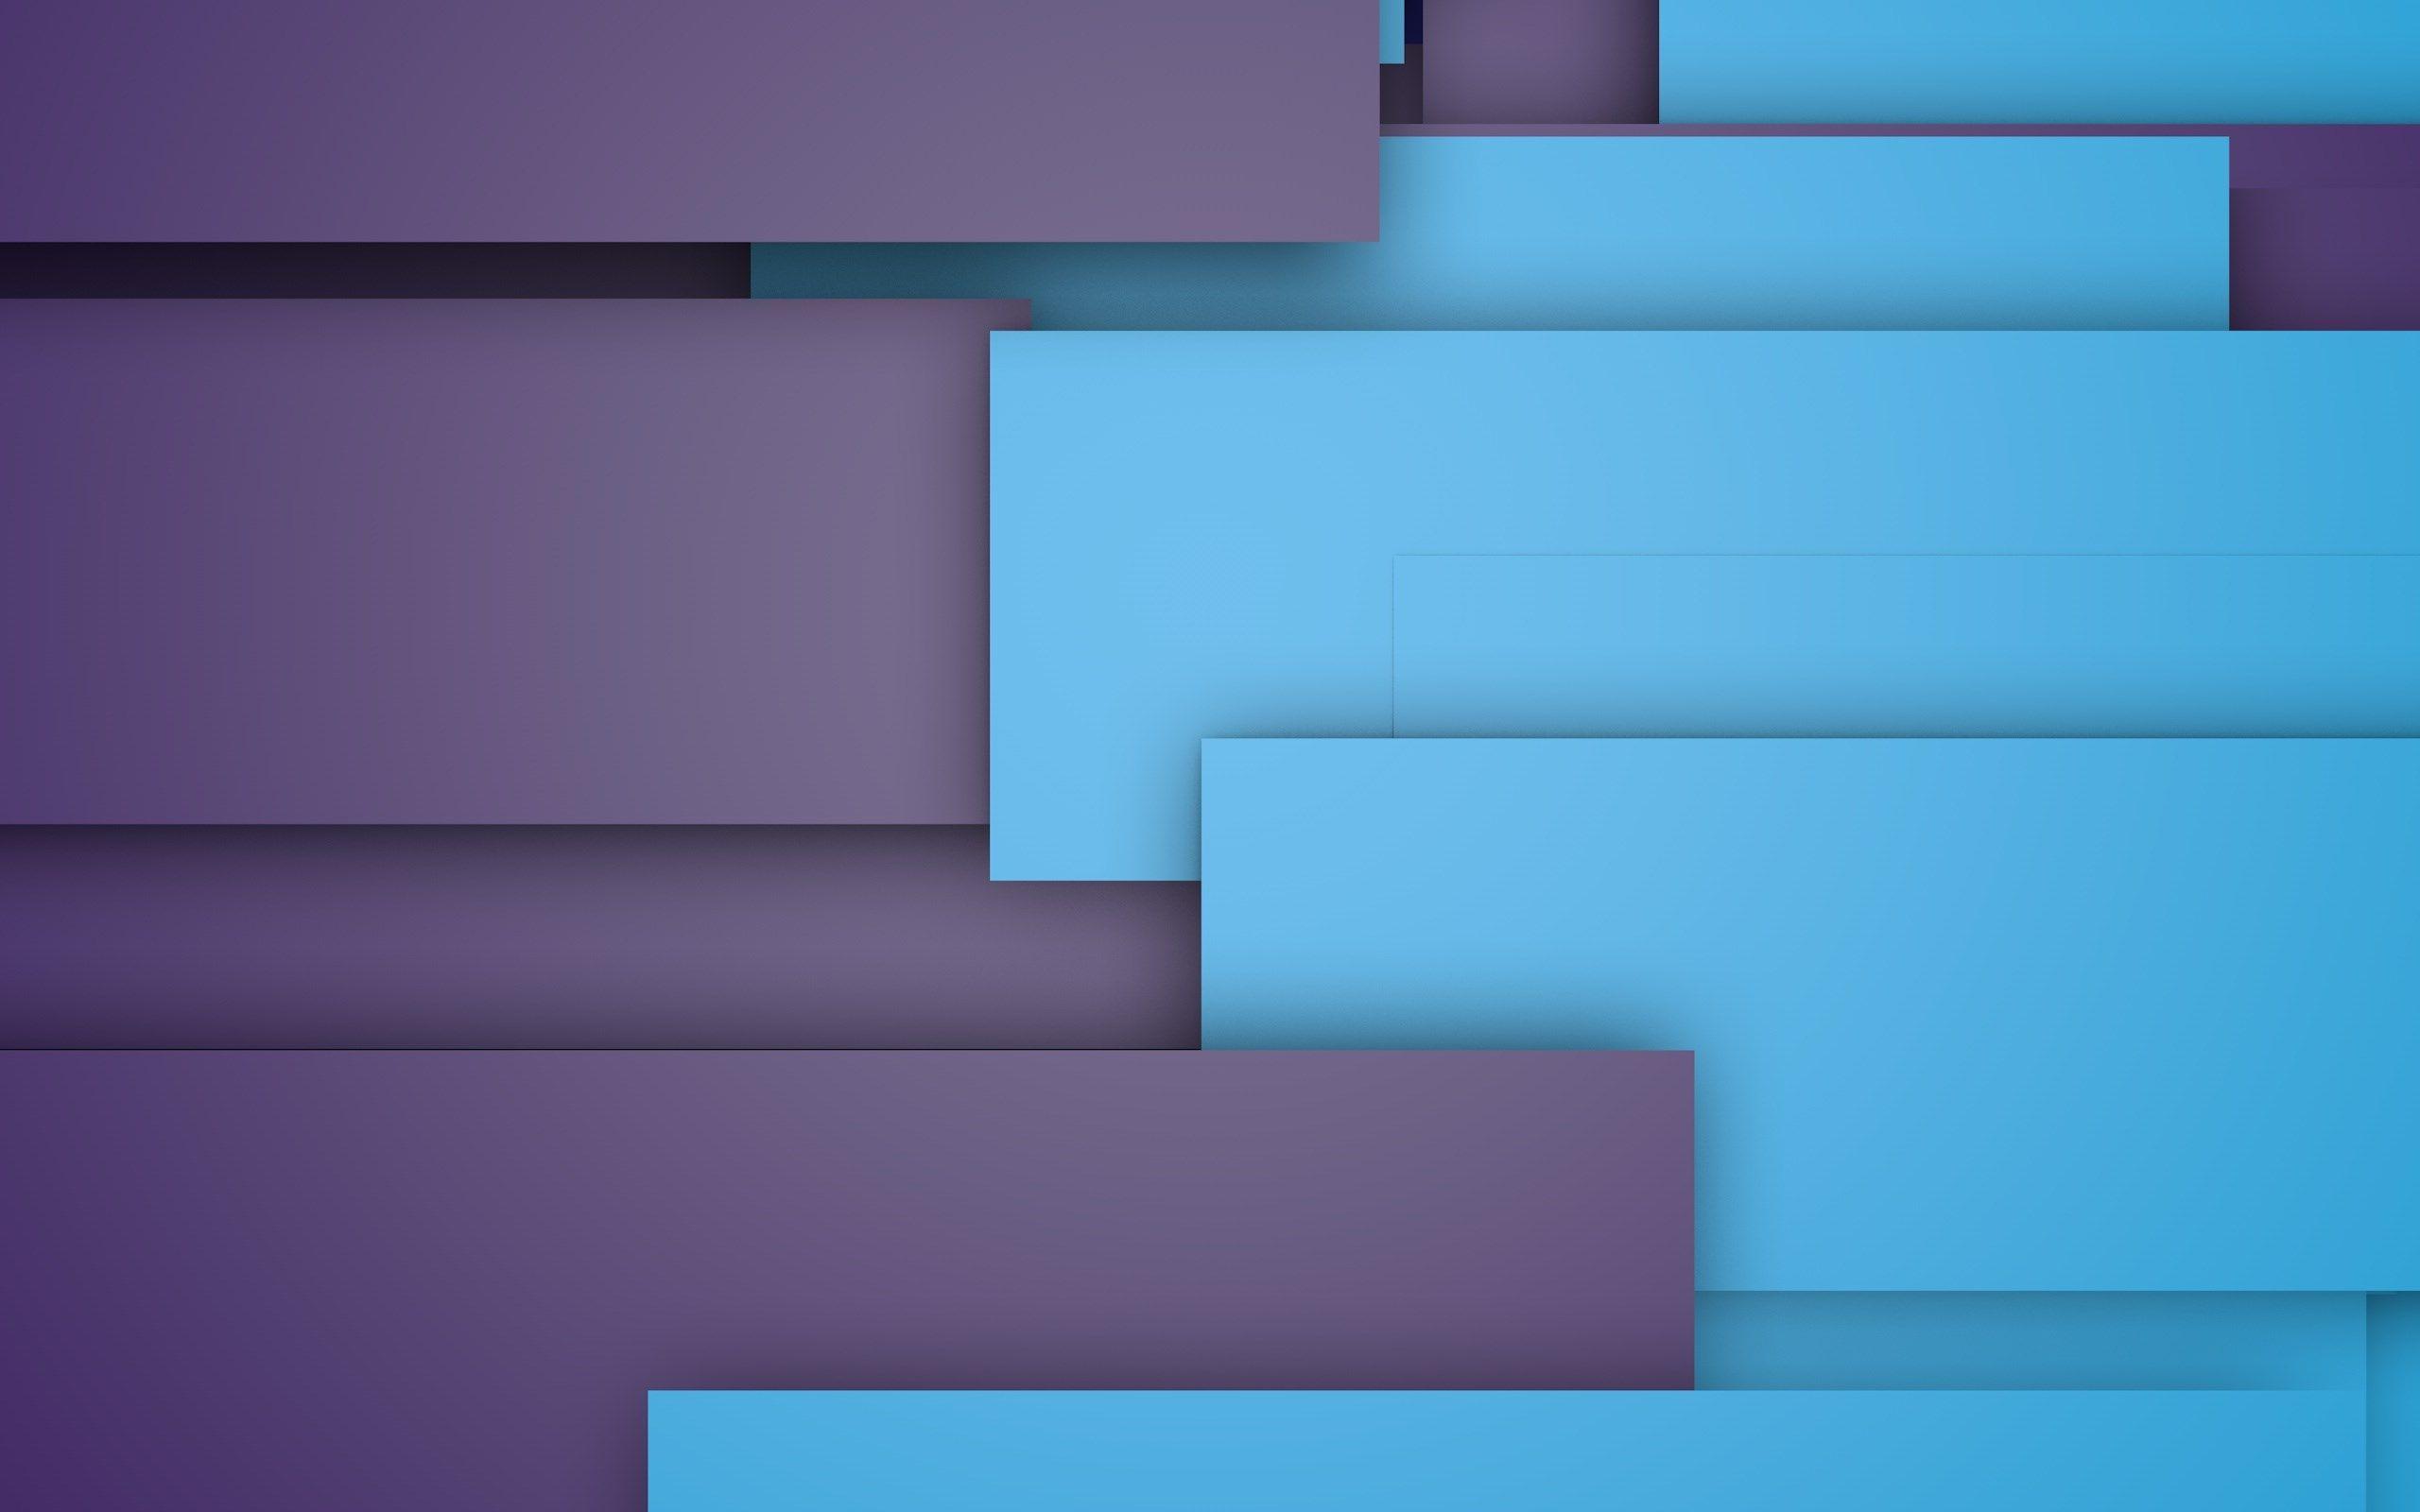 google material design wallpaper hd